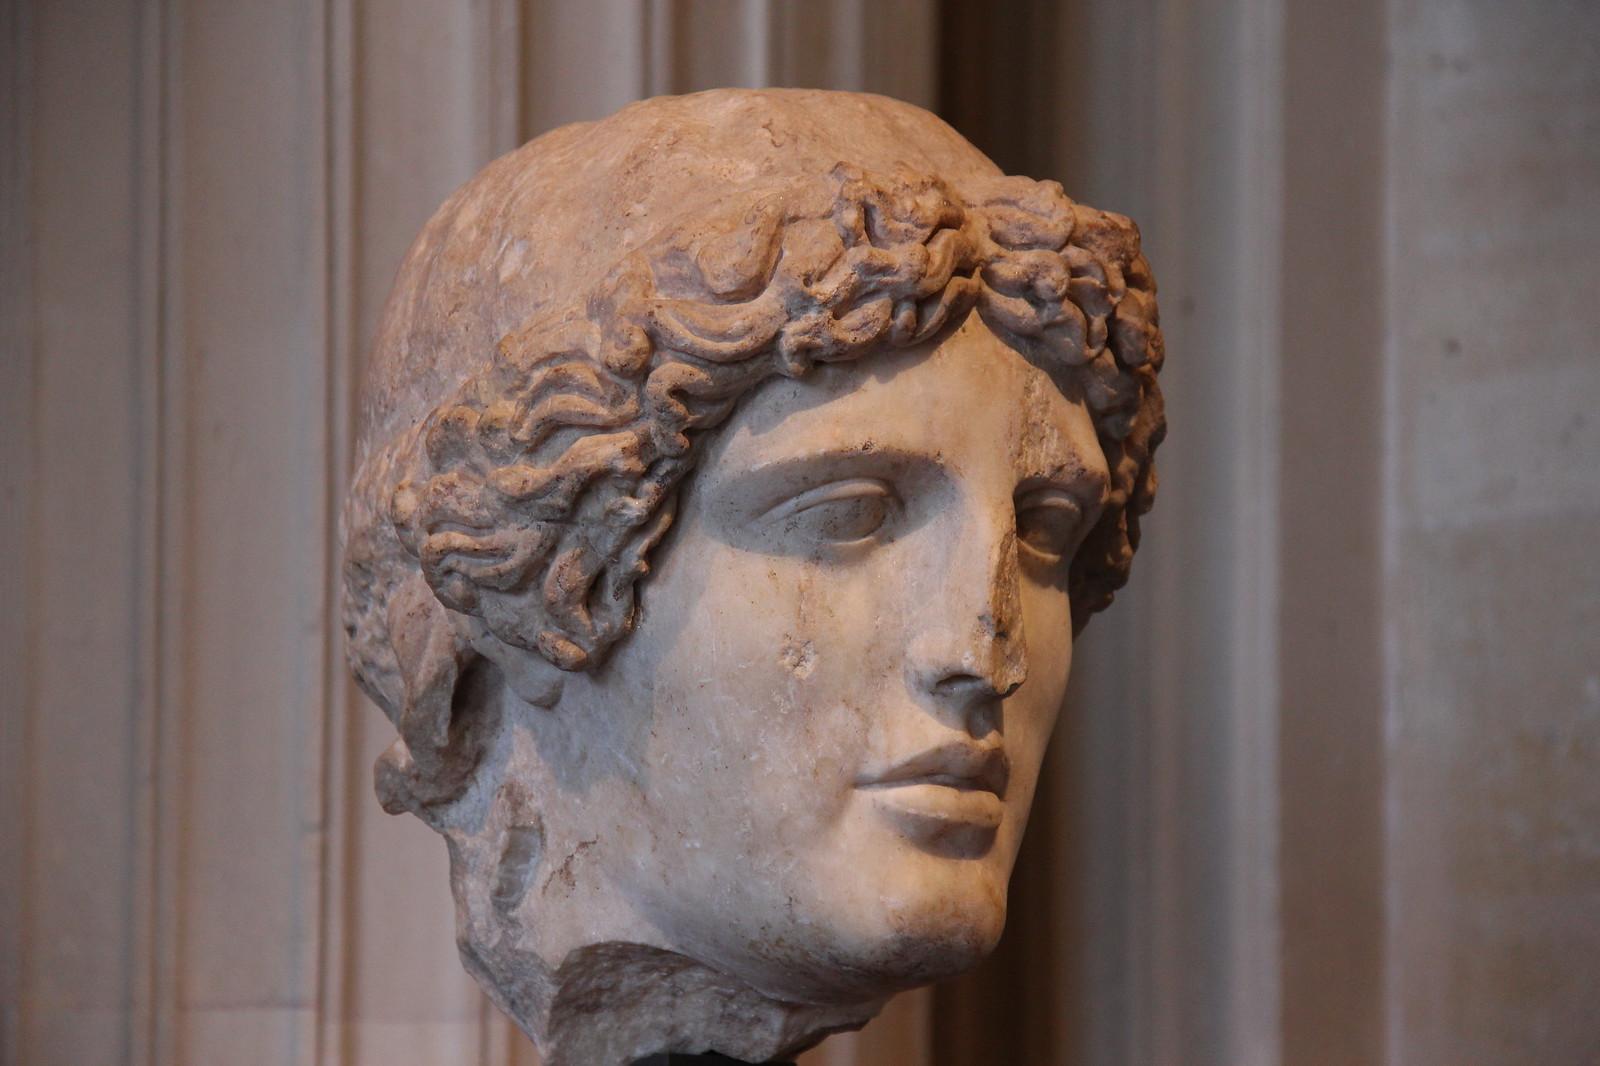 Escultura griega de perfectas medidas y proporciones, Apolo del tipo Apolo de Kassel atribuida a Fidias.